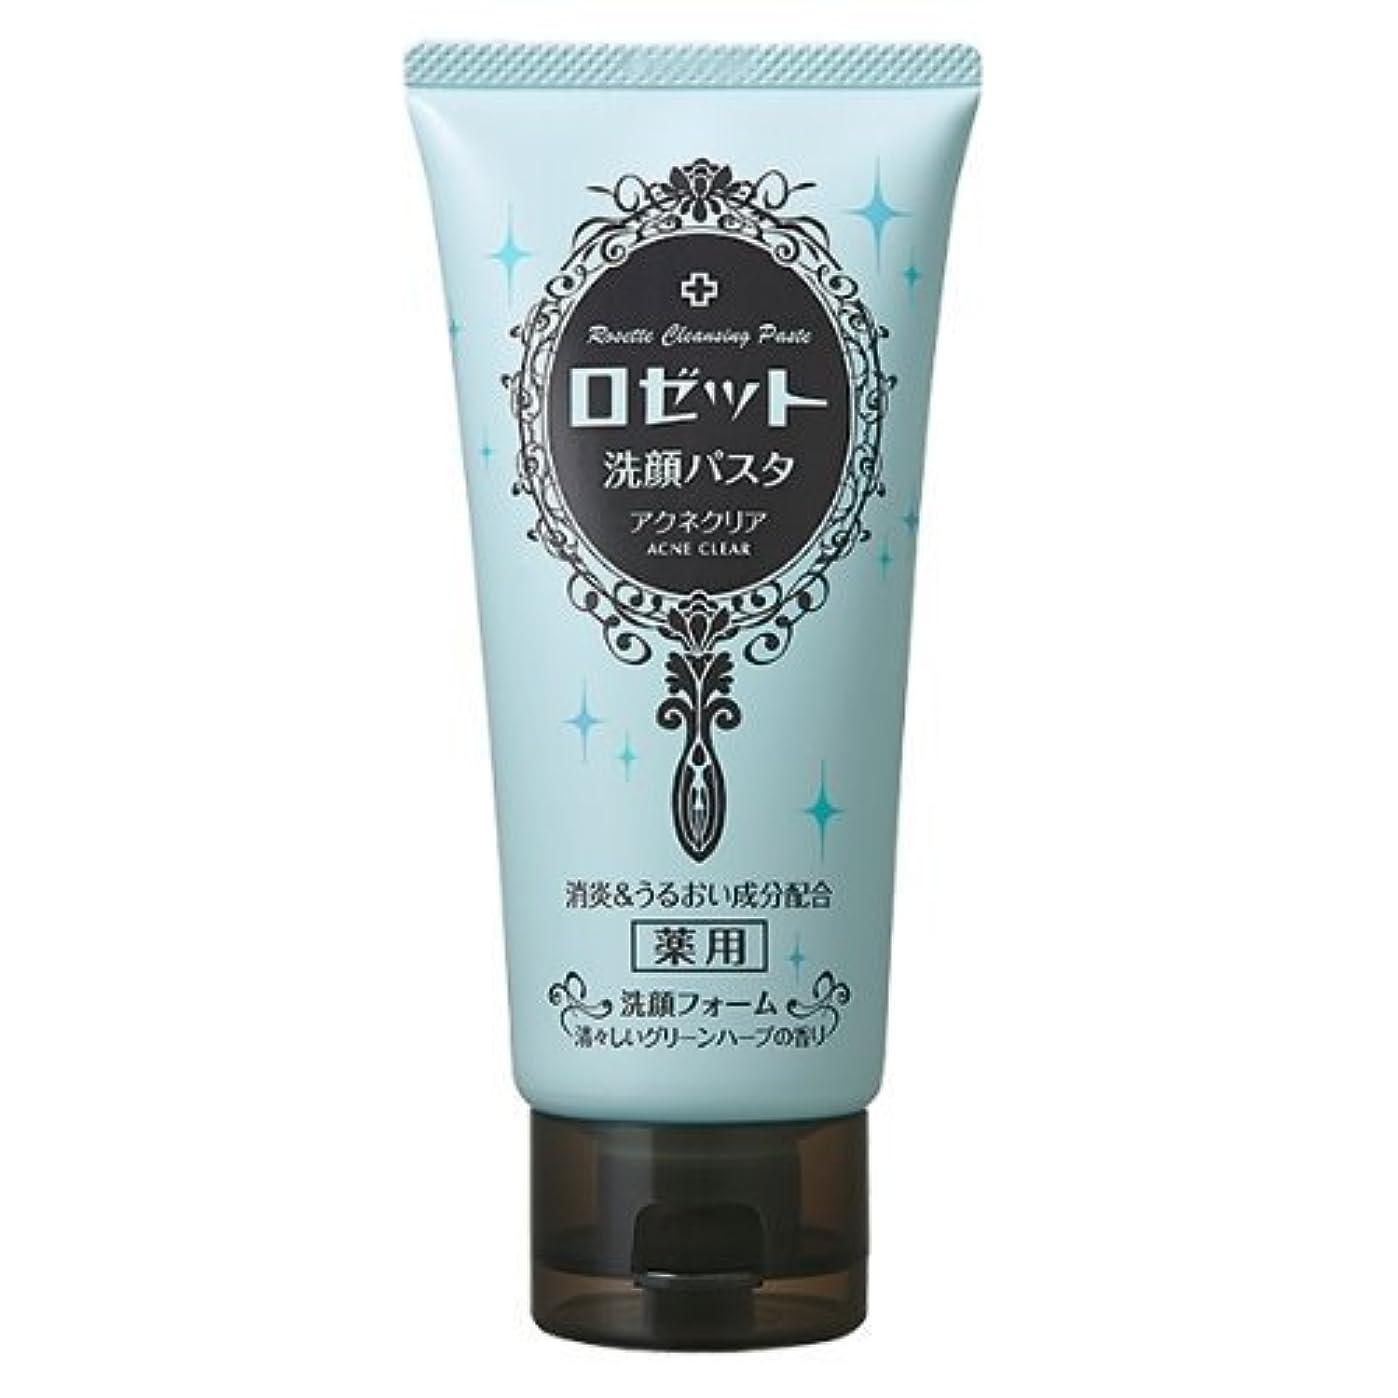 広告するオリエンタル家族ロゼット 洗顔パスタ アクネクリア 120g